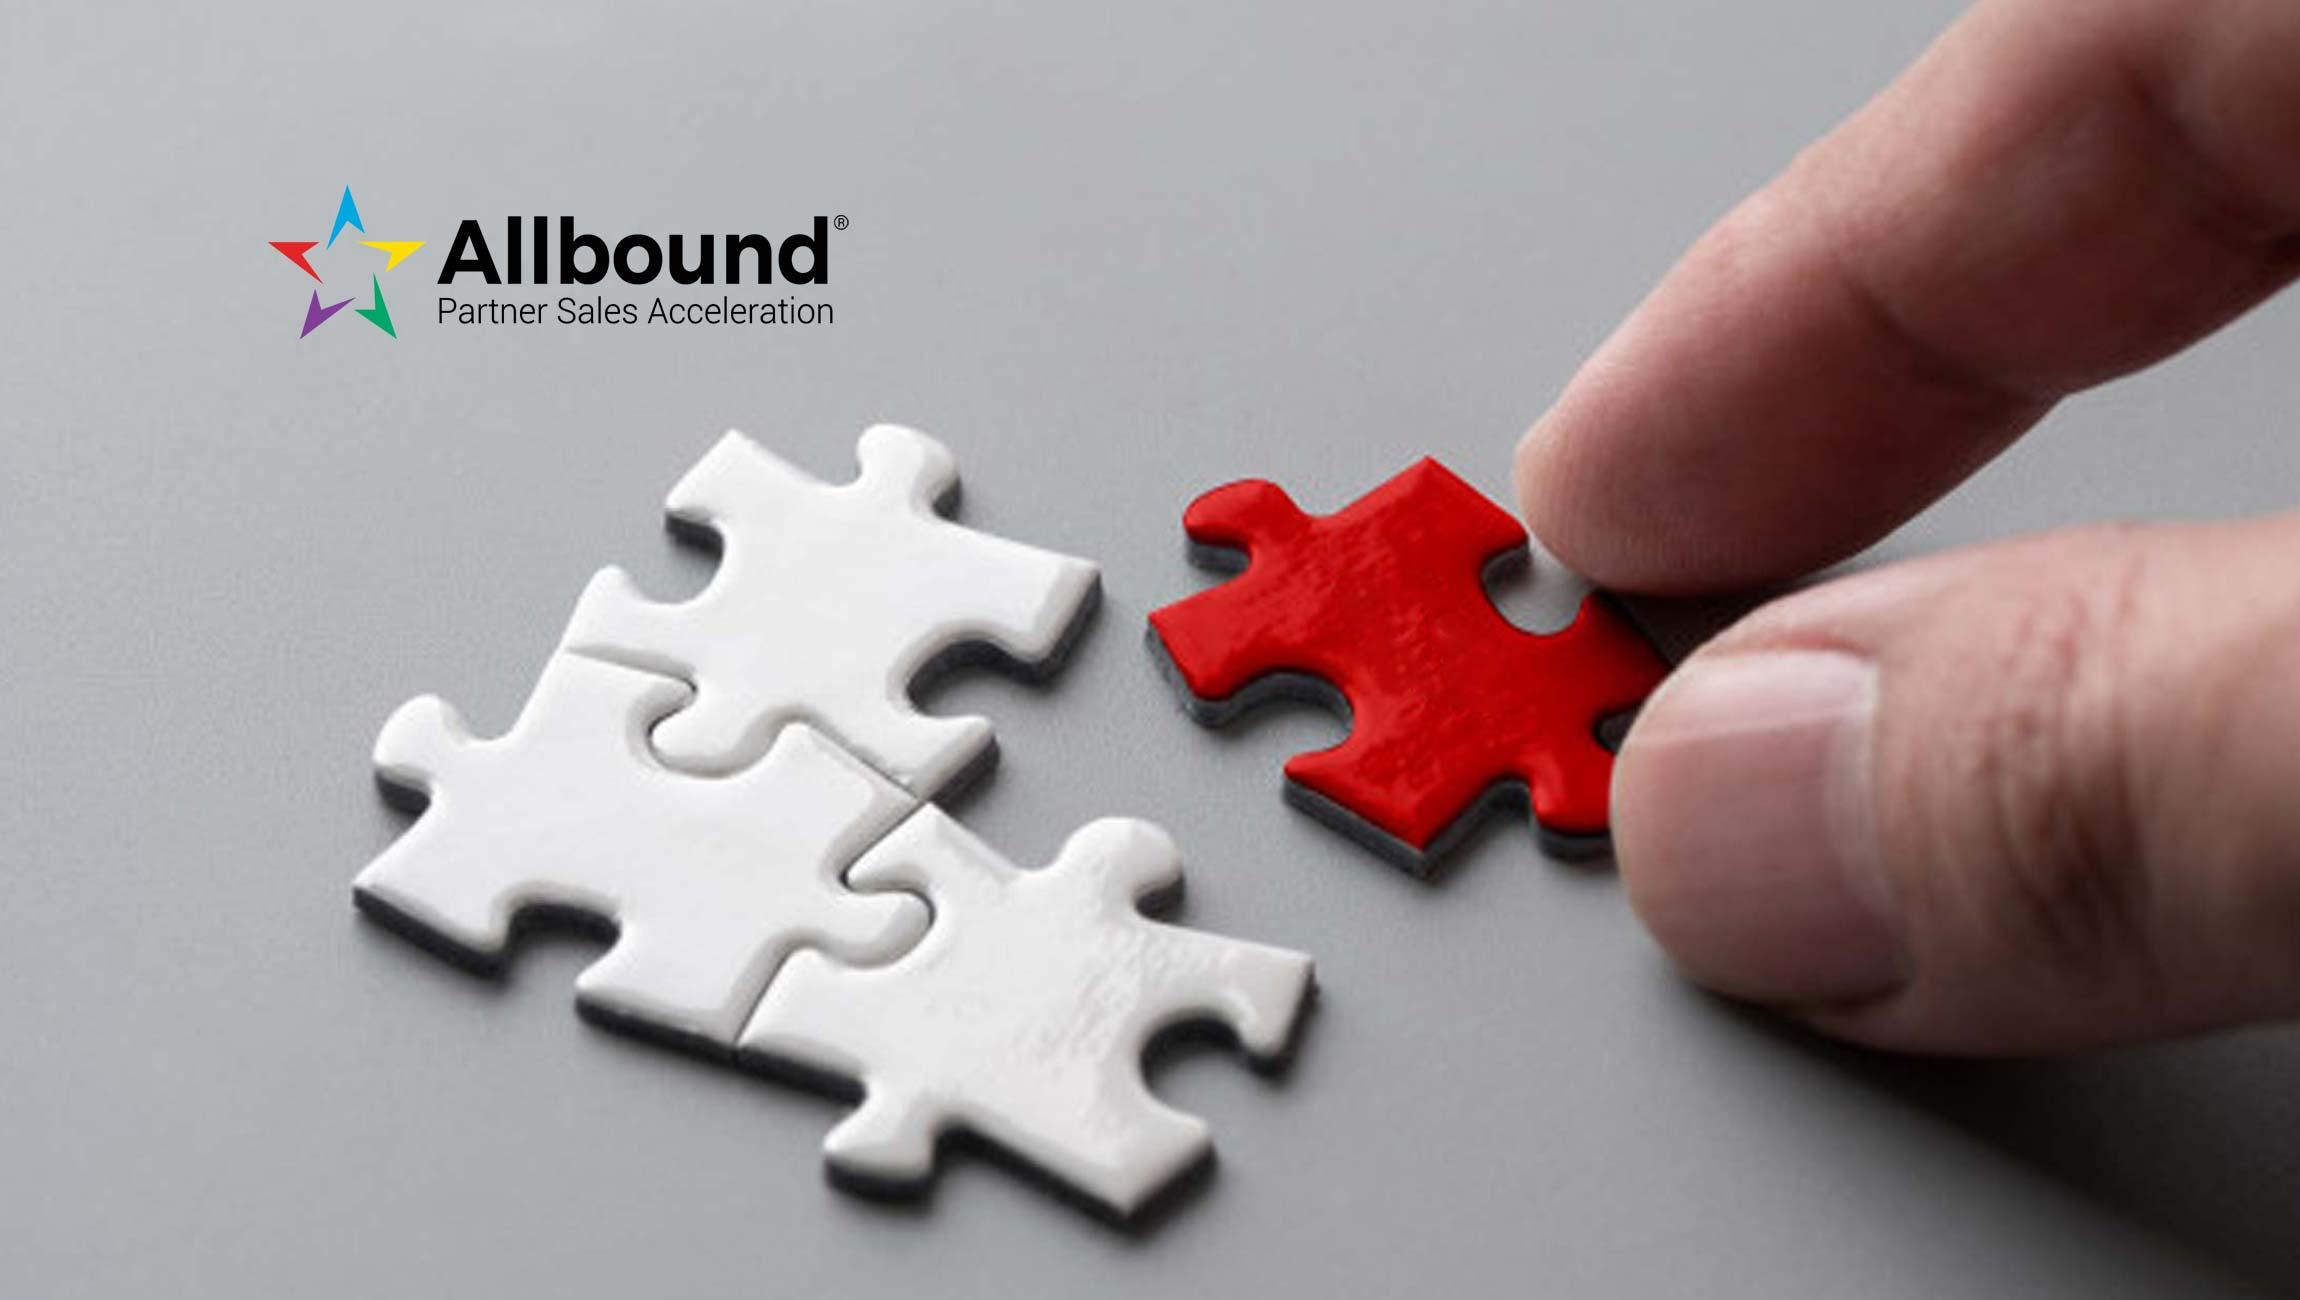 Allbound Named a Leader in G2Crowd Grid Report for Partner Relationship Management 1